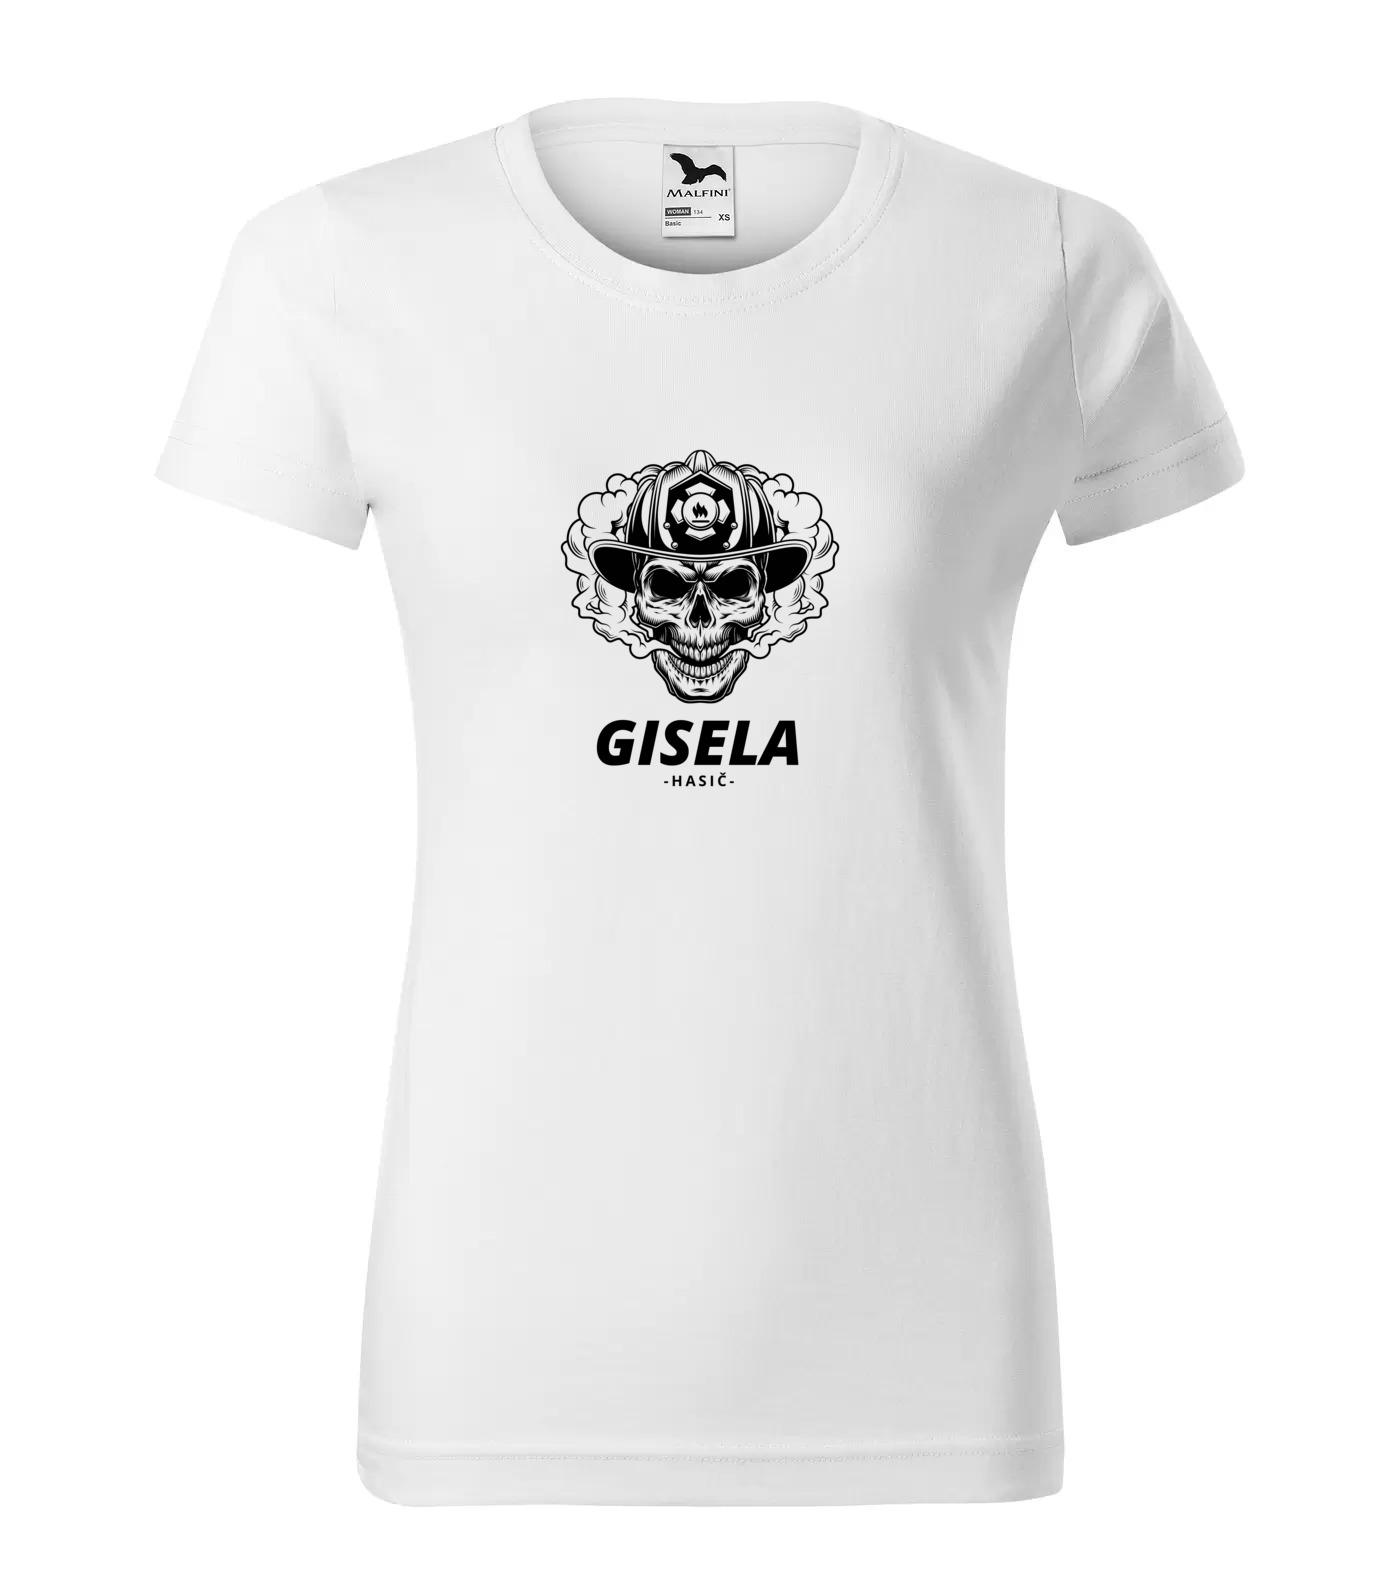 Tričko Hasič Gisela